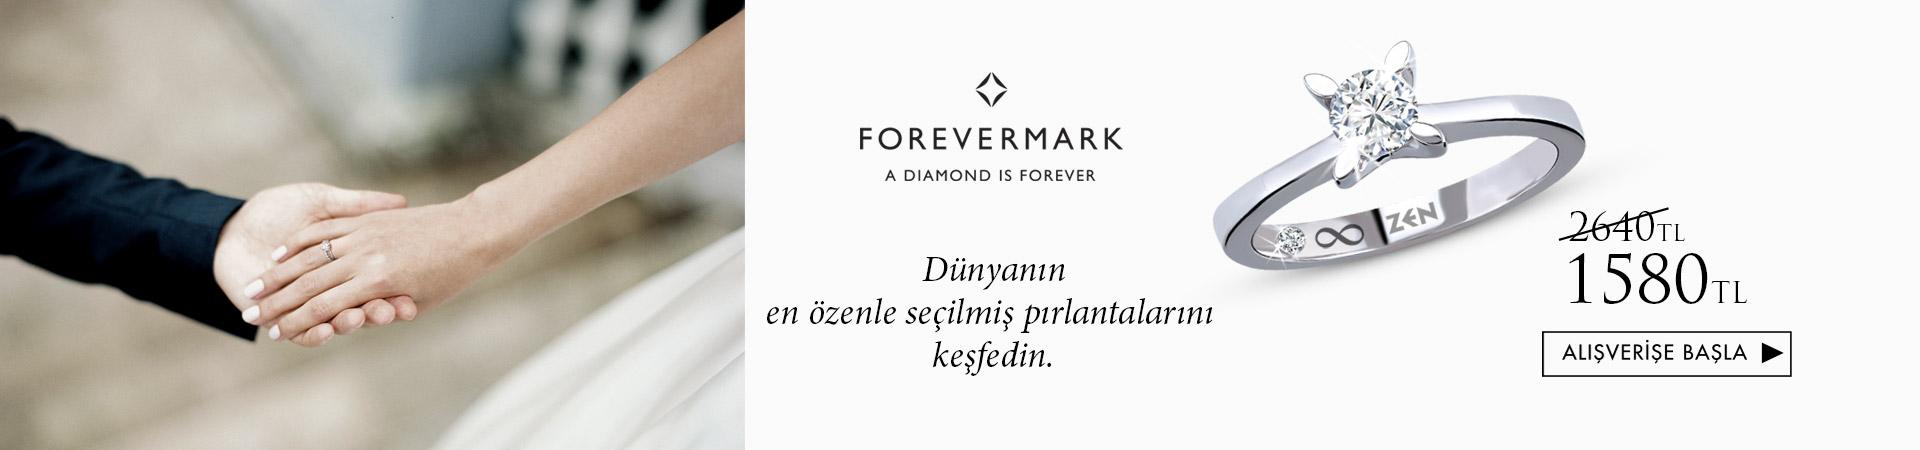 Forevermark 1980 TL den başlayan fiyatlarla